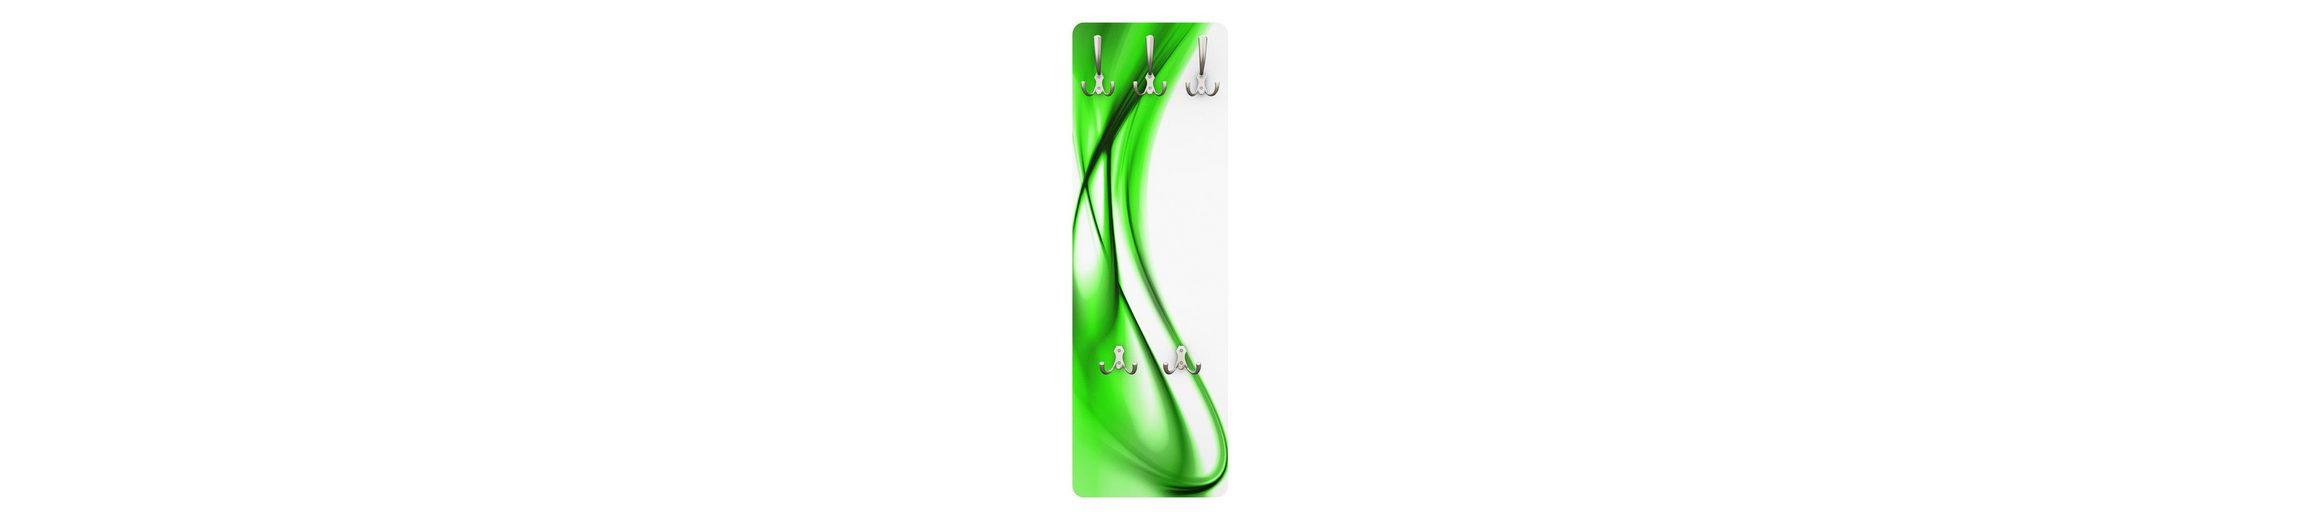 Bilderwelten Wandgarderobe Abstrakt 139x46x2cm »Green Touch«